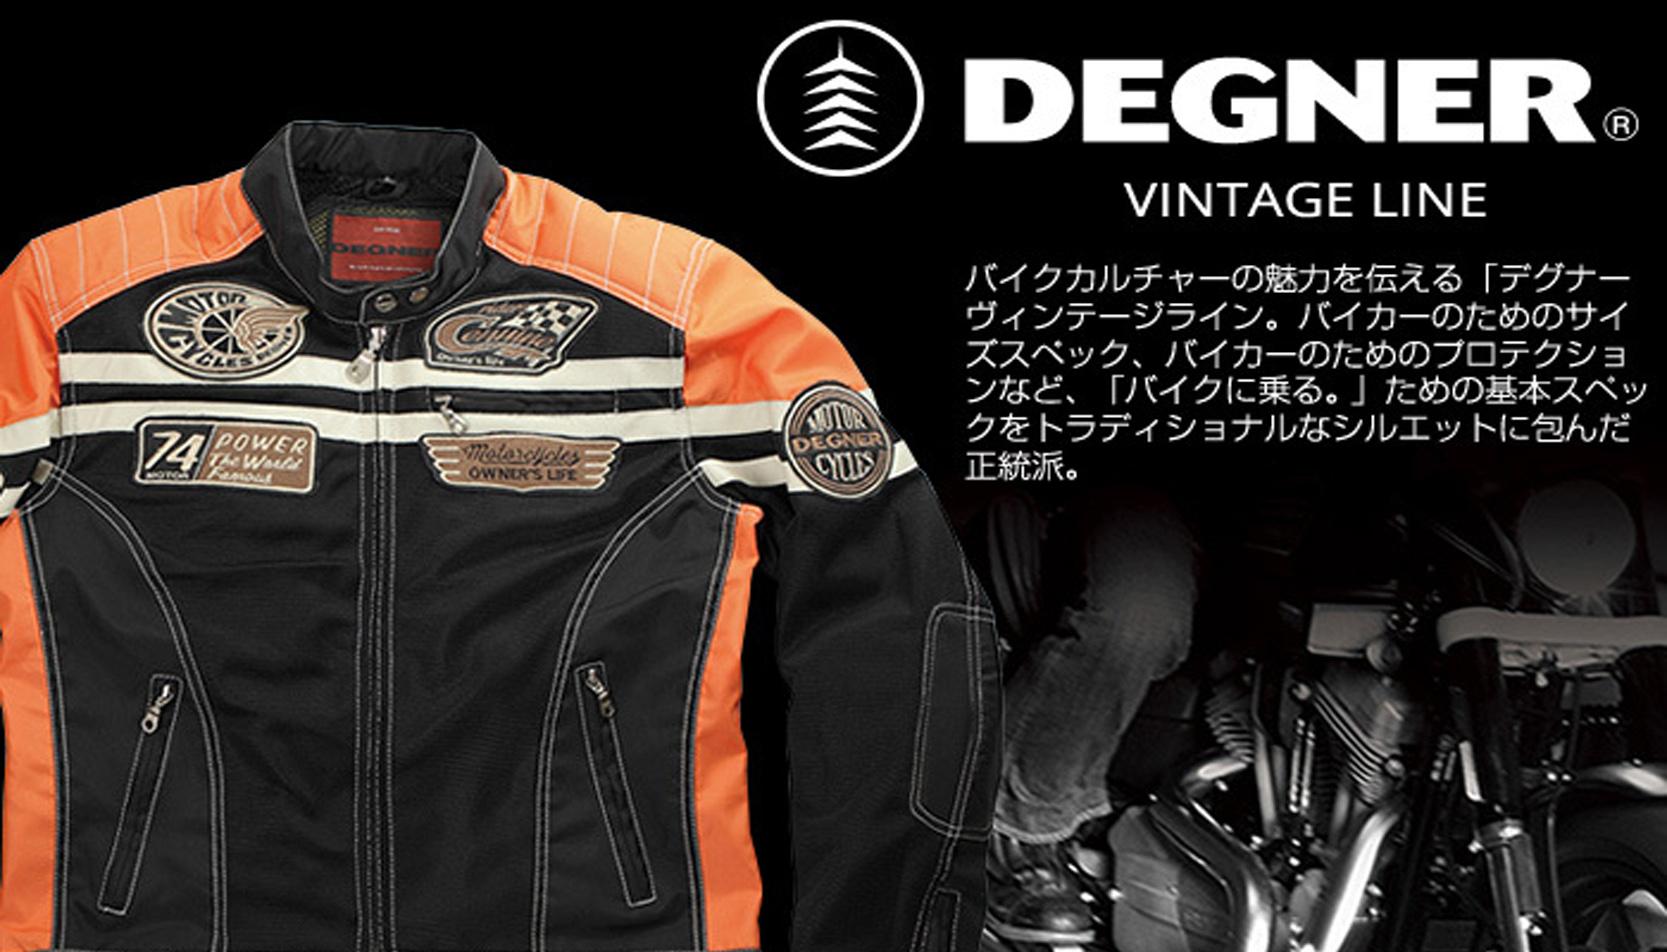 來自日本的騎士精品,DEGNE花山人身部品,安駕中心現場展示中!